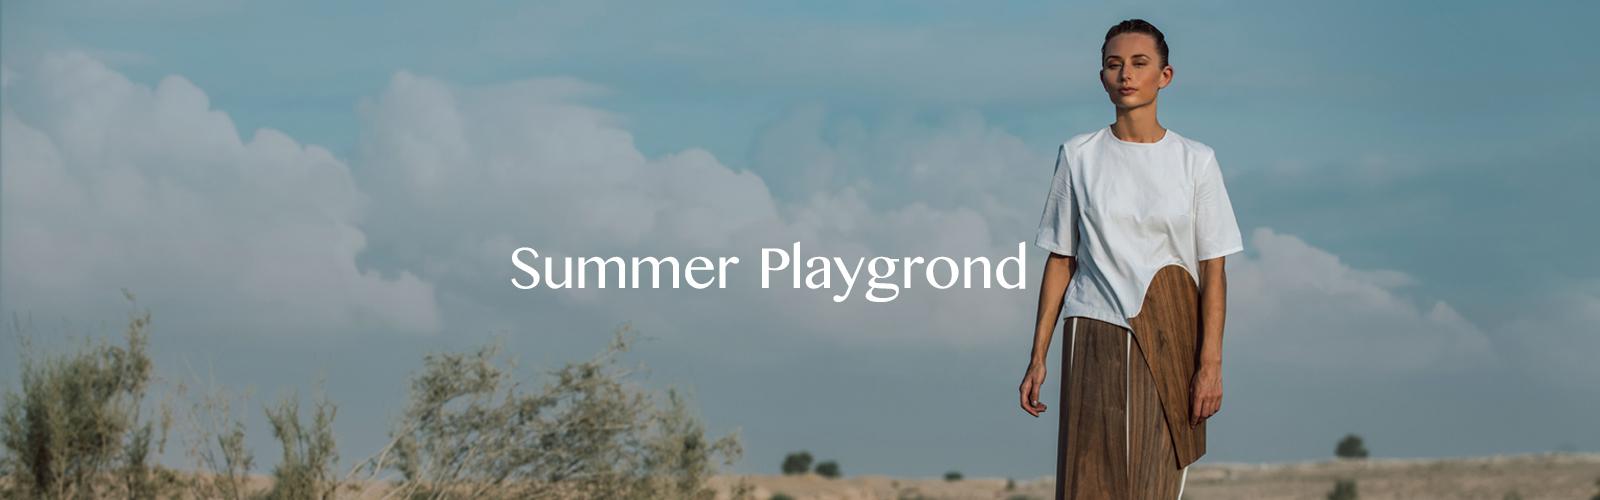 summer-playground-header-no-text